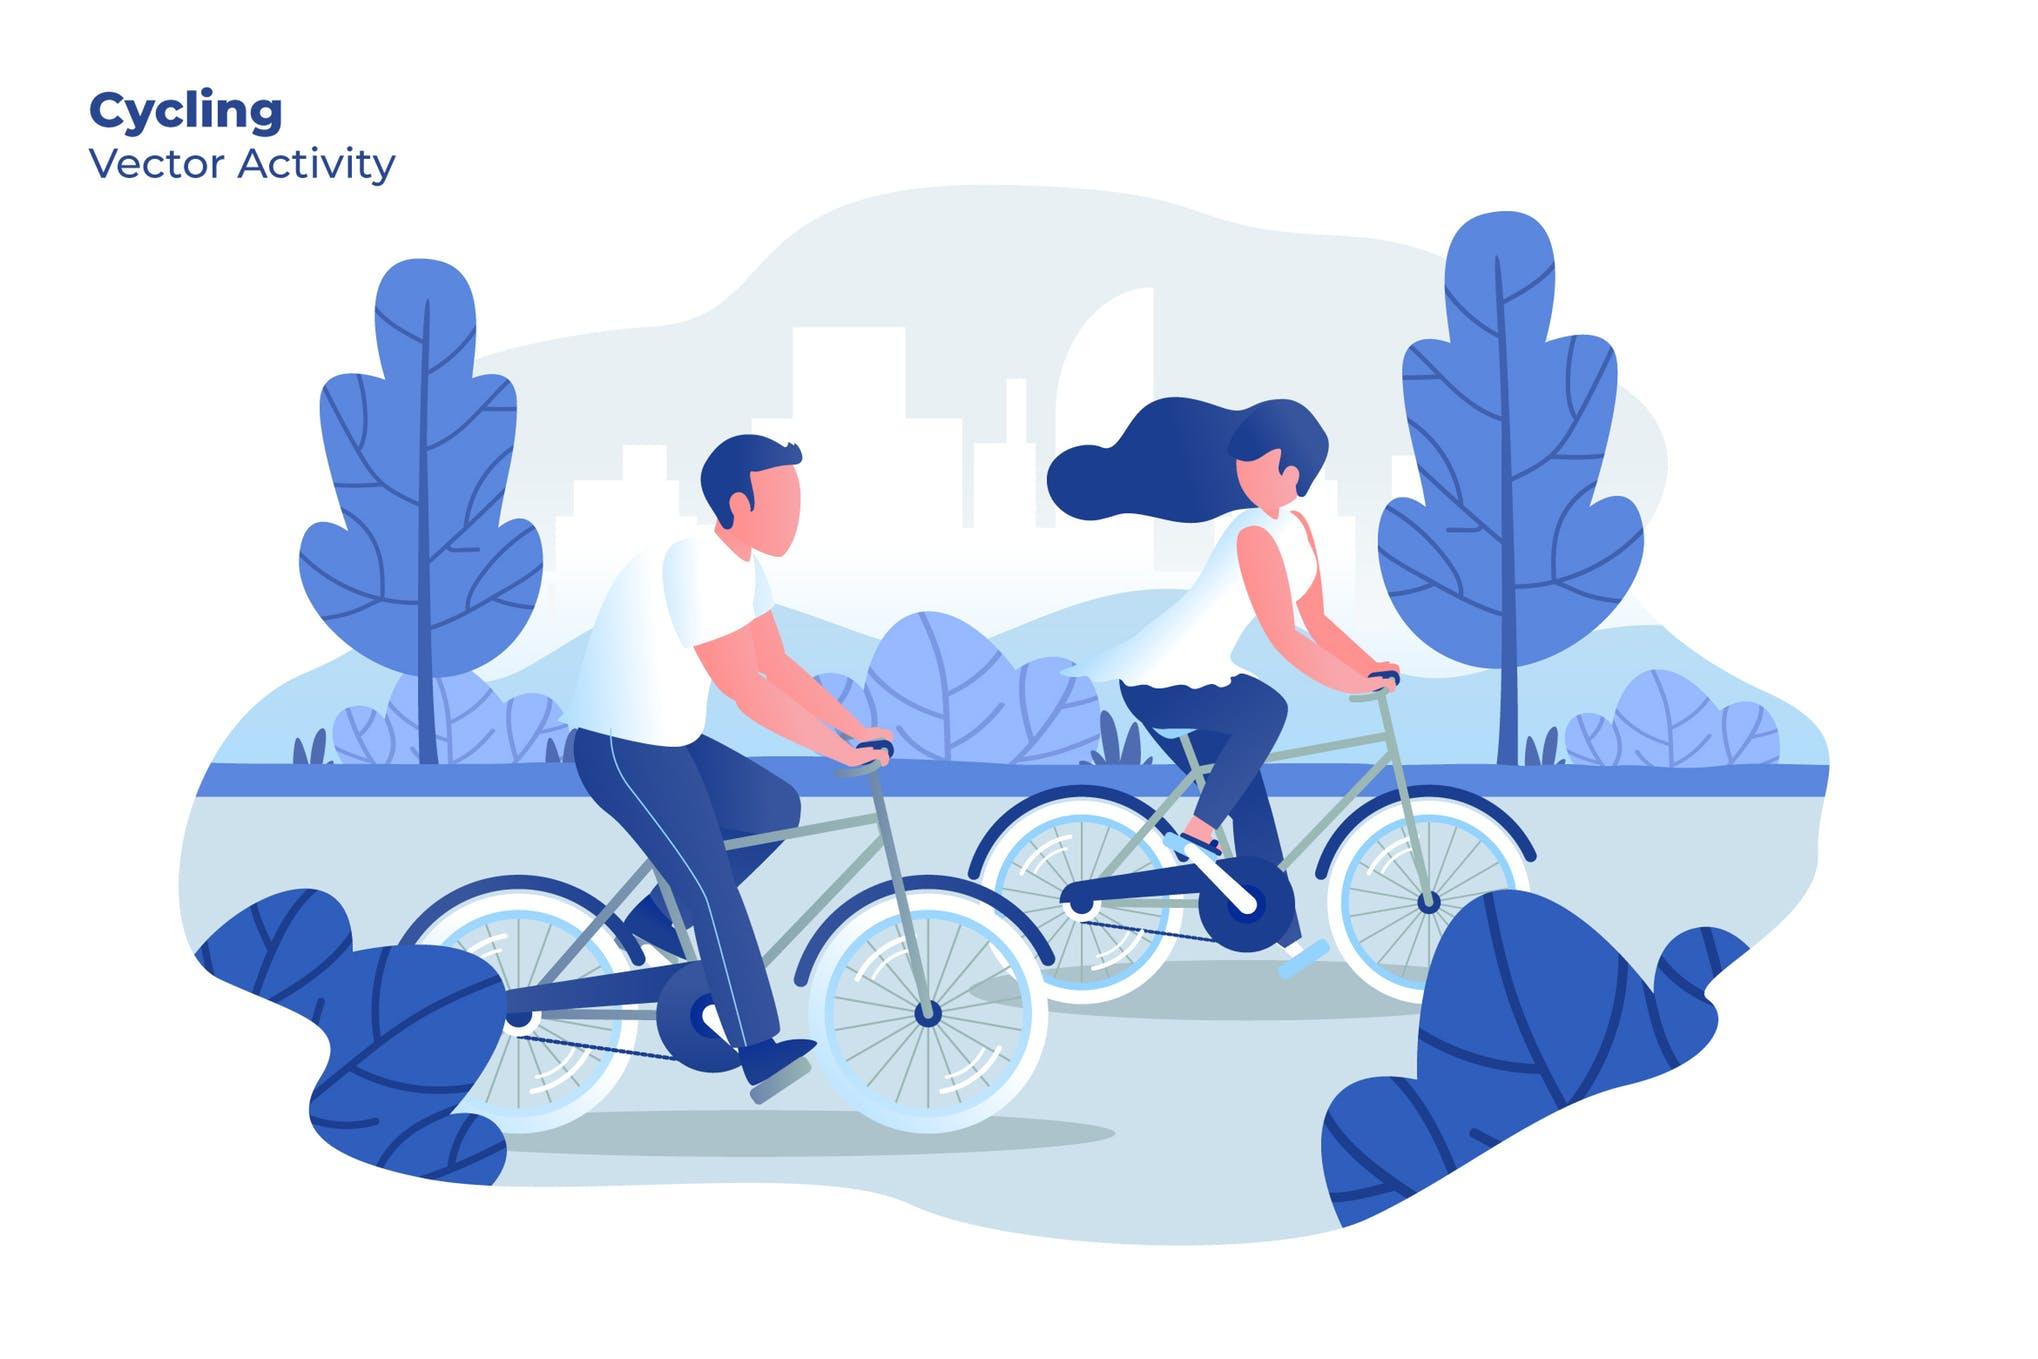 出行创意插画设计素材下载Cycling - Vector Illustration Rycxxg